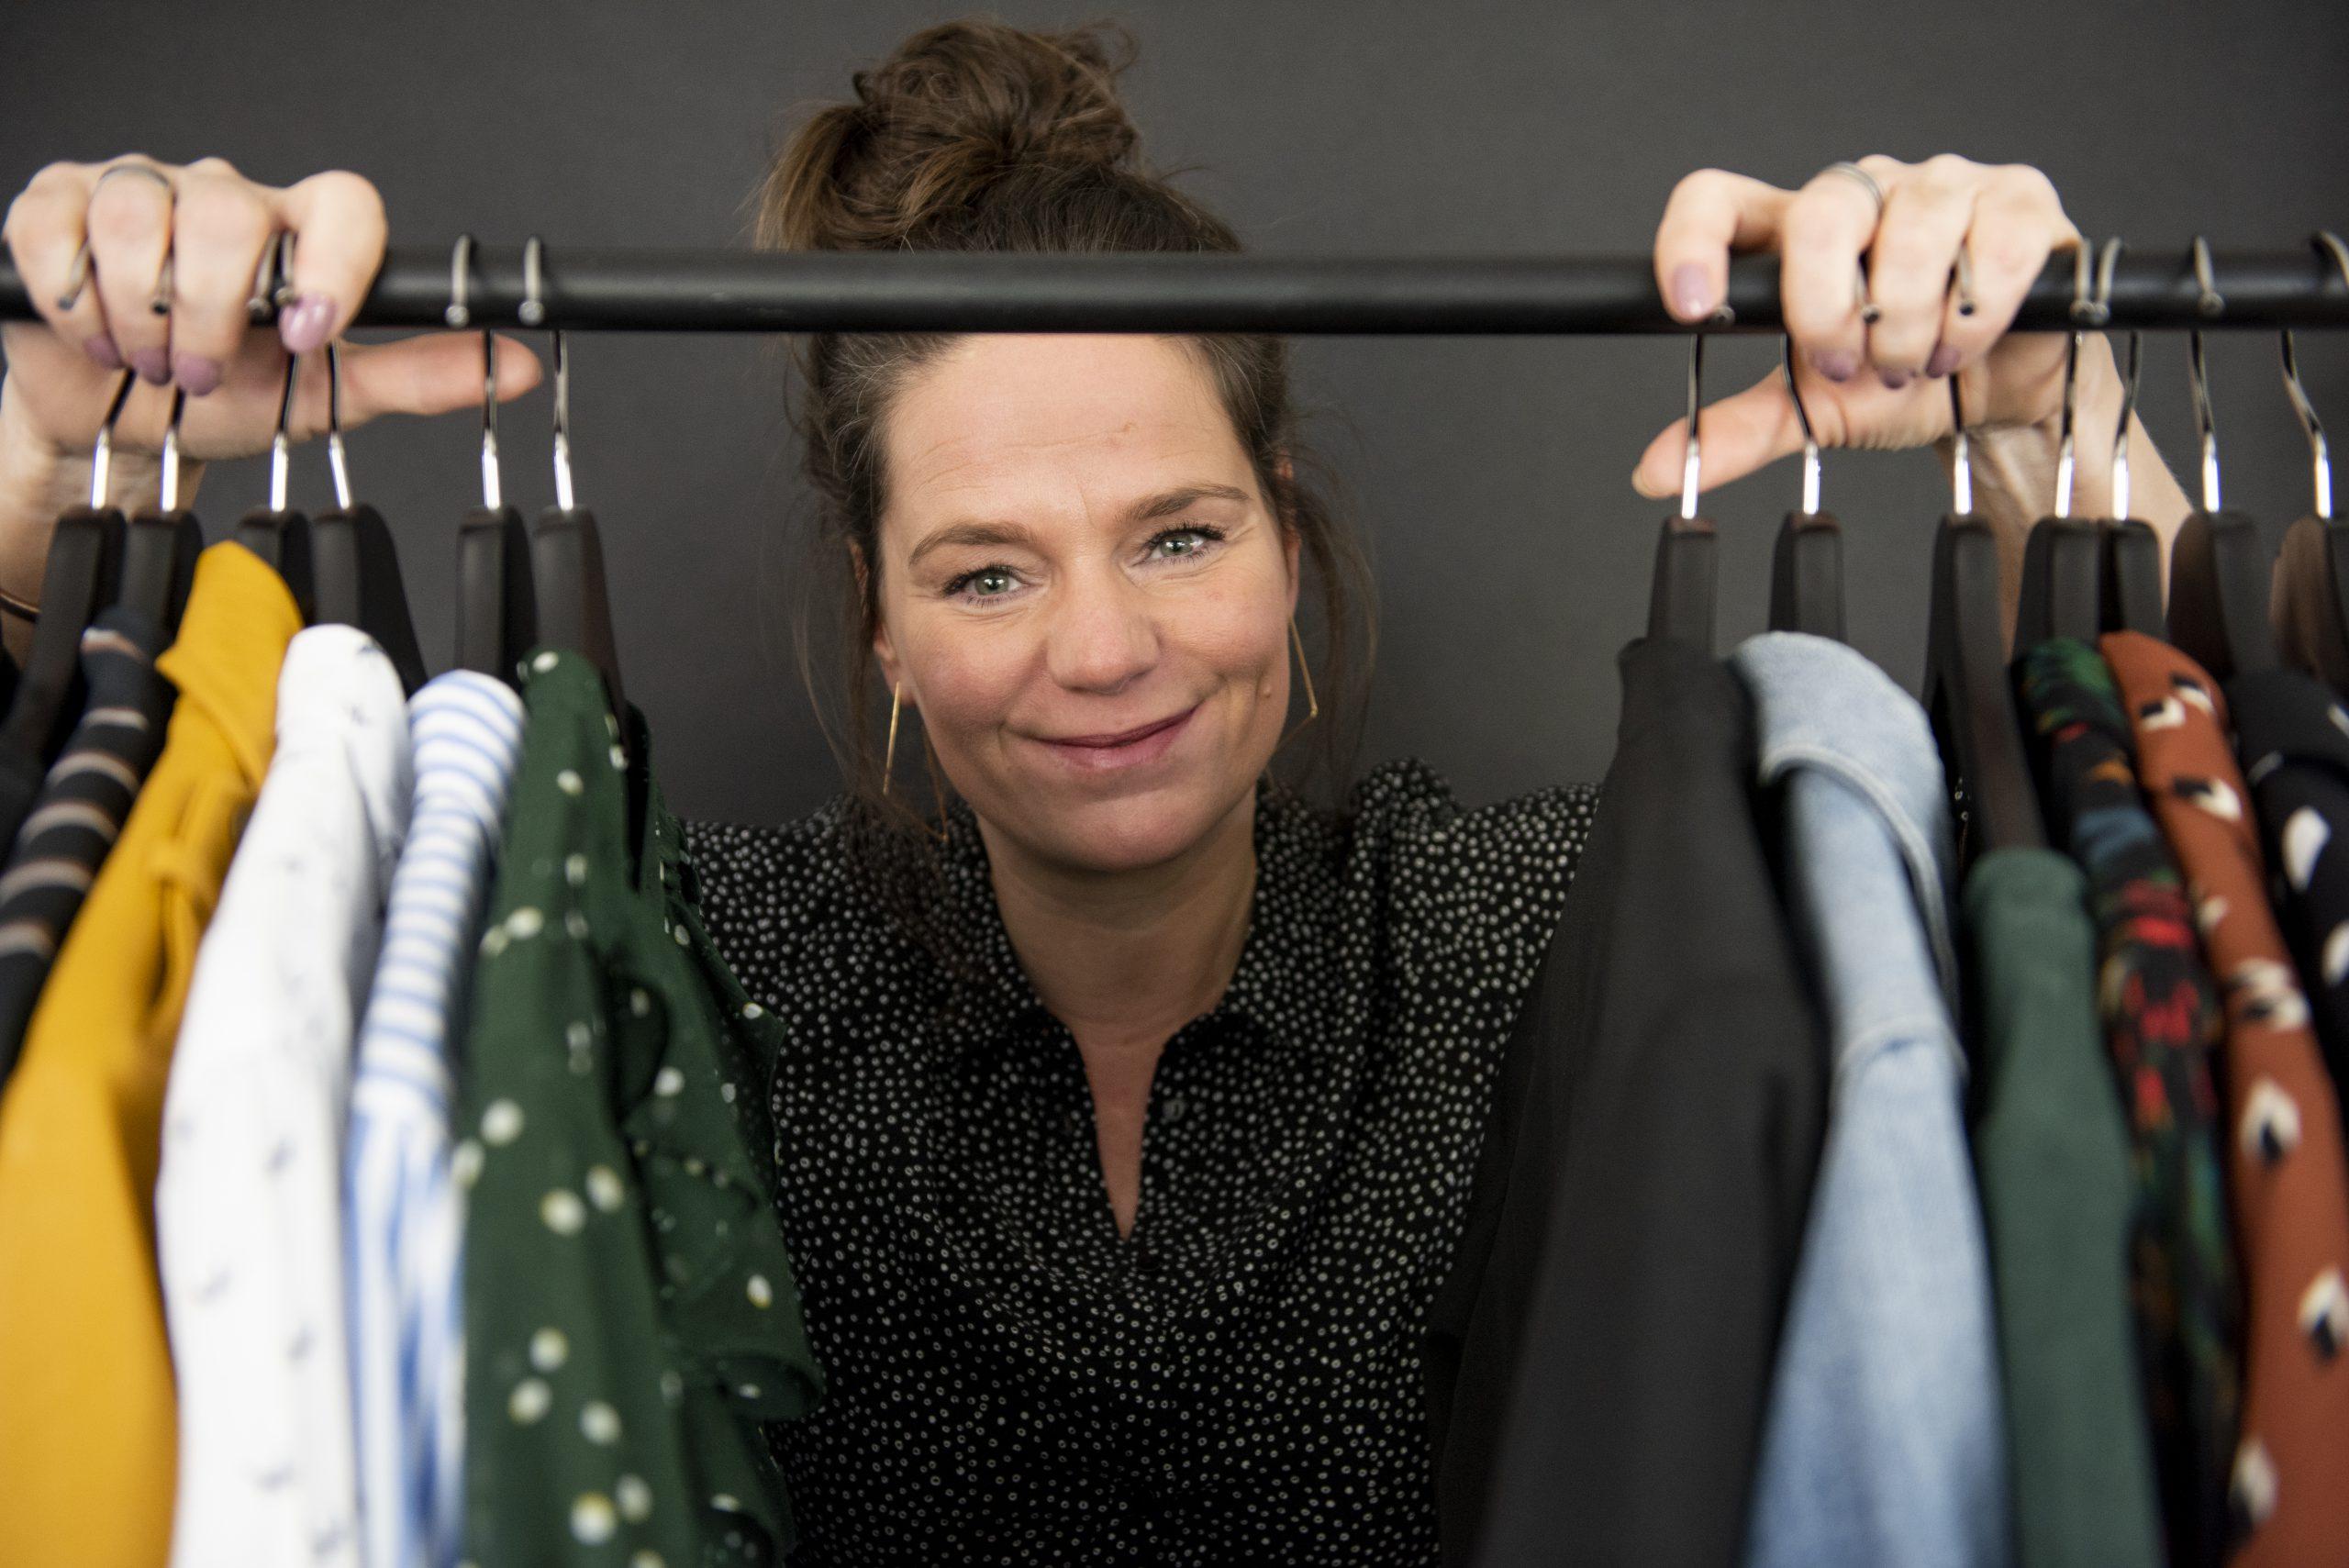 Kledingcoach Debby bij kledingrek